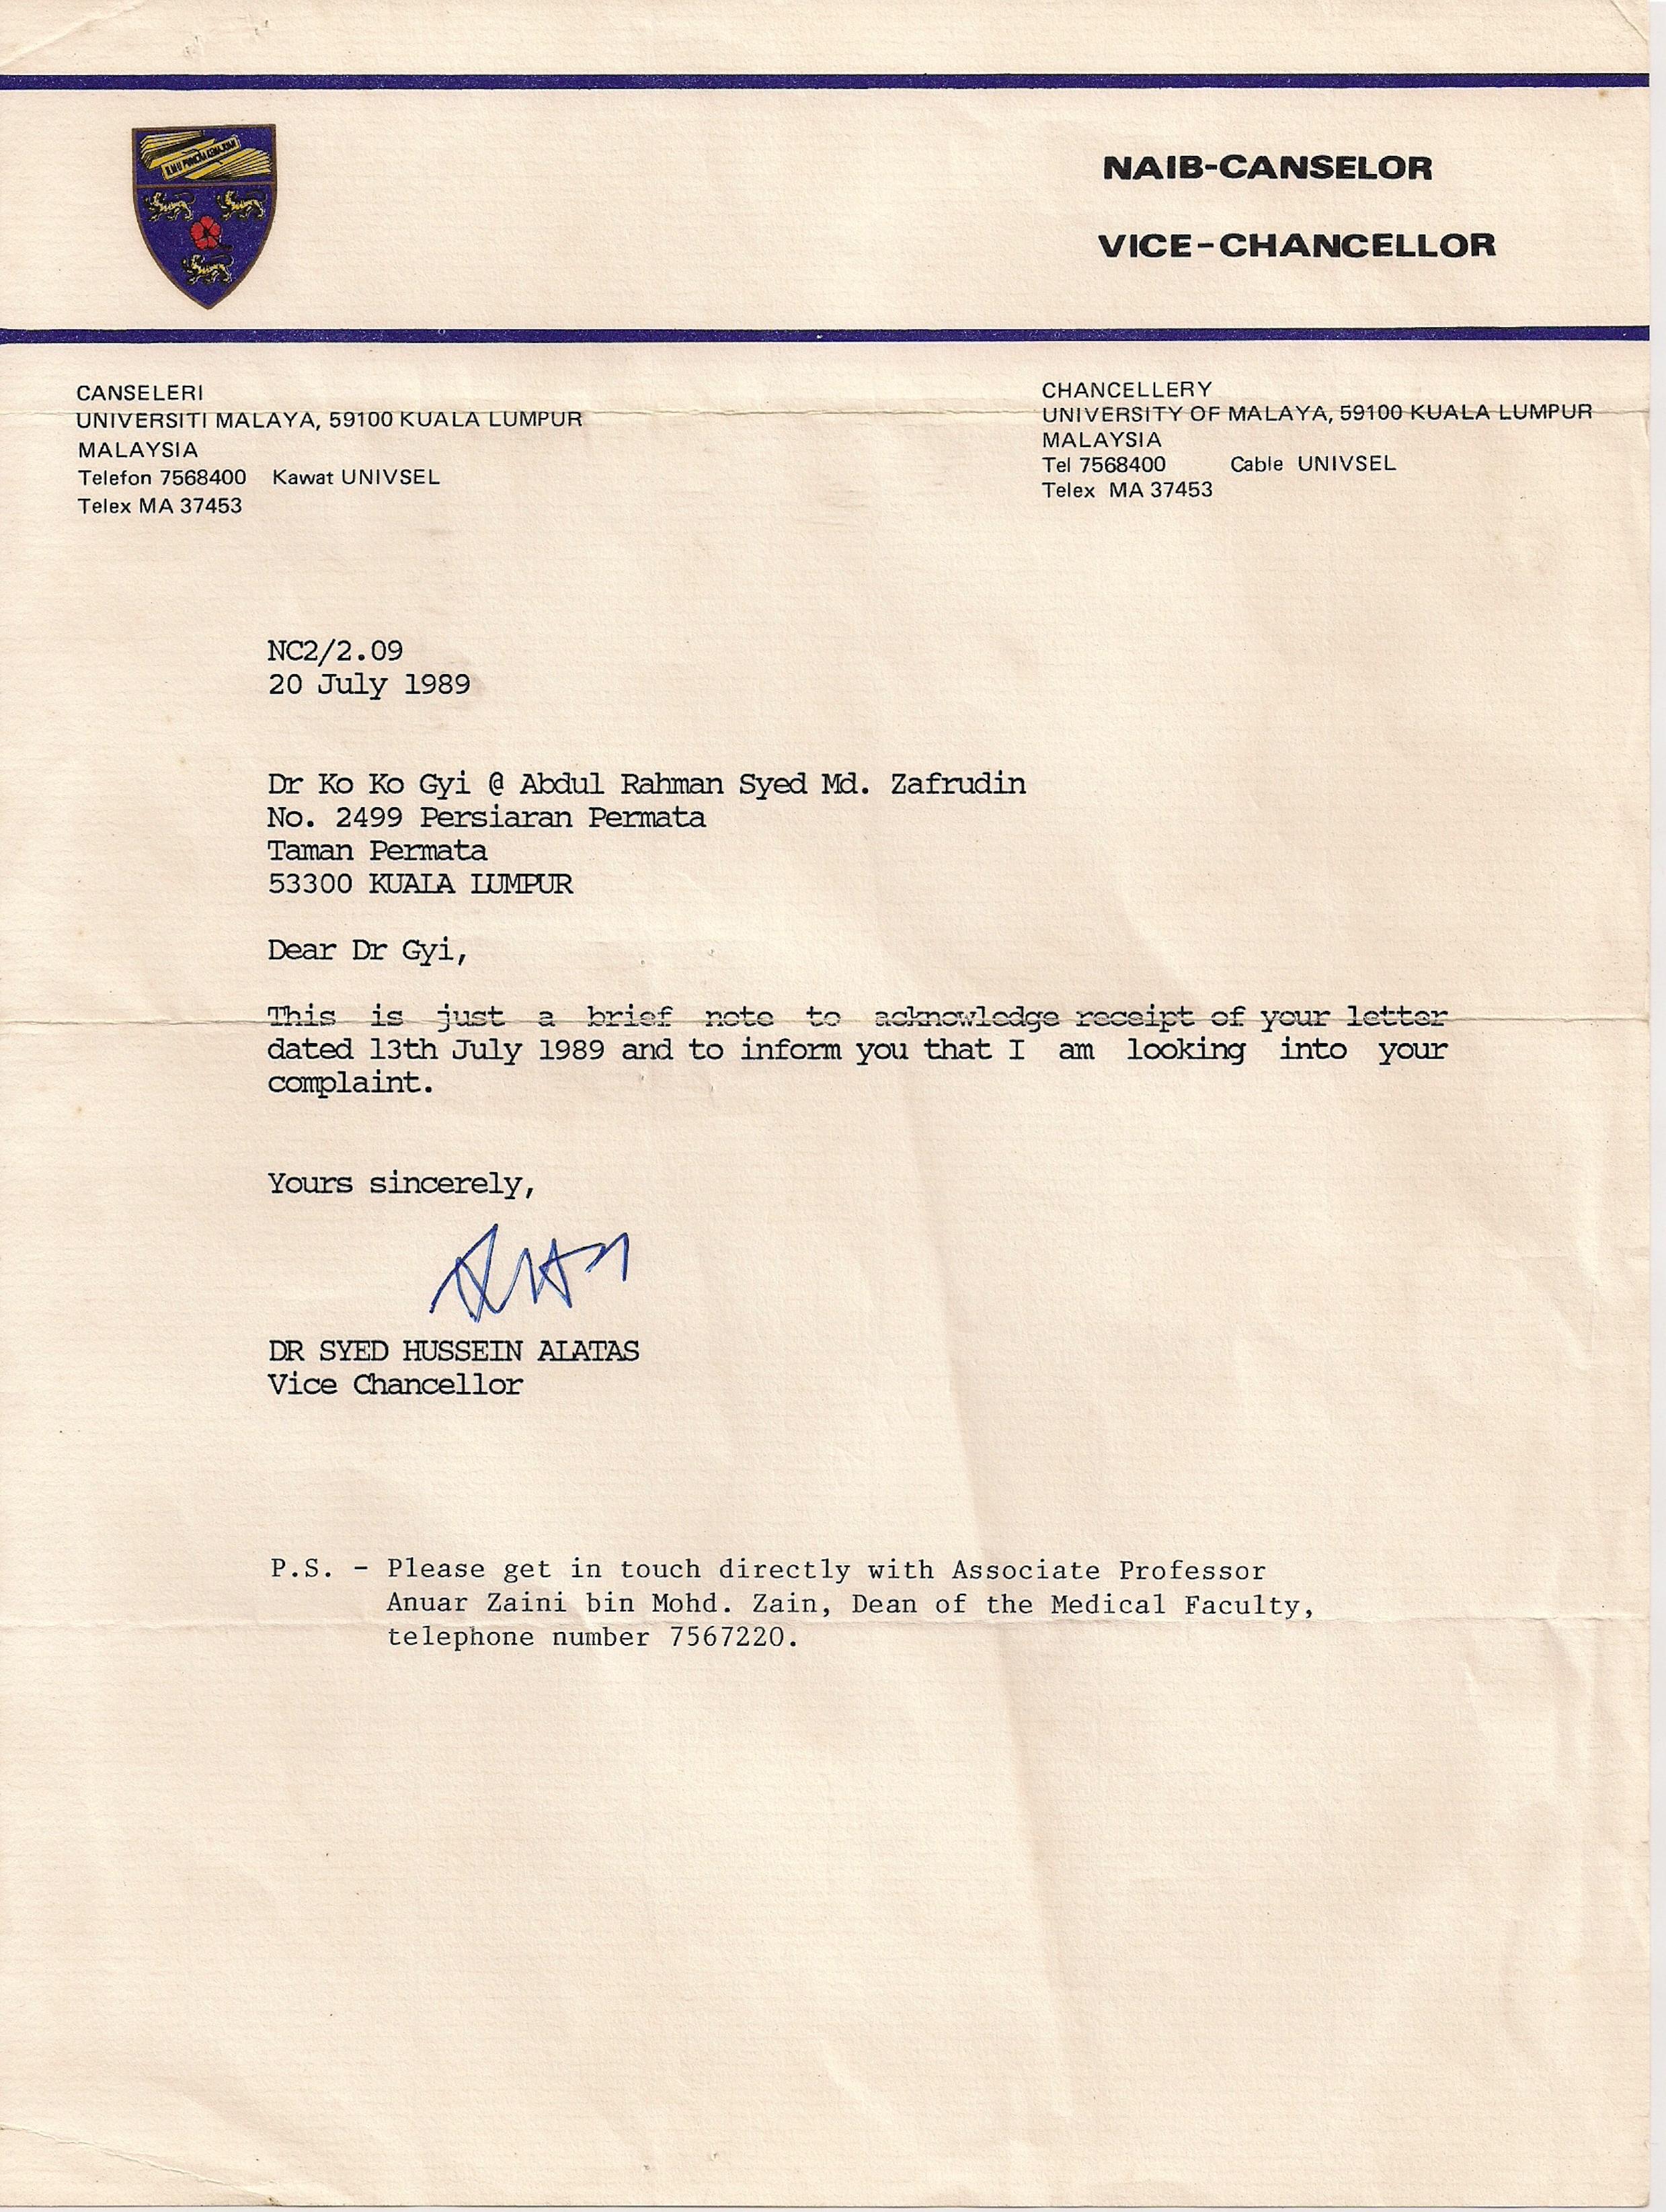 complaint letter to vice chancellor